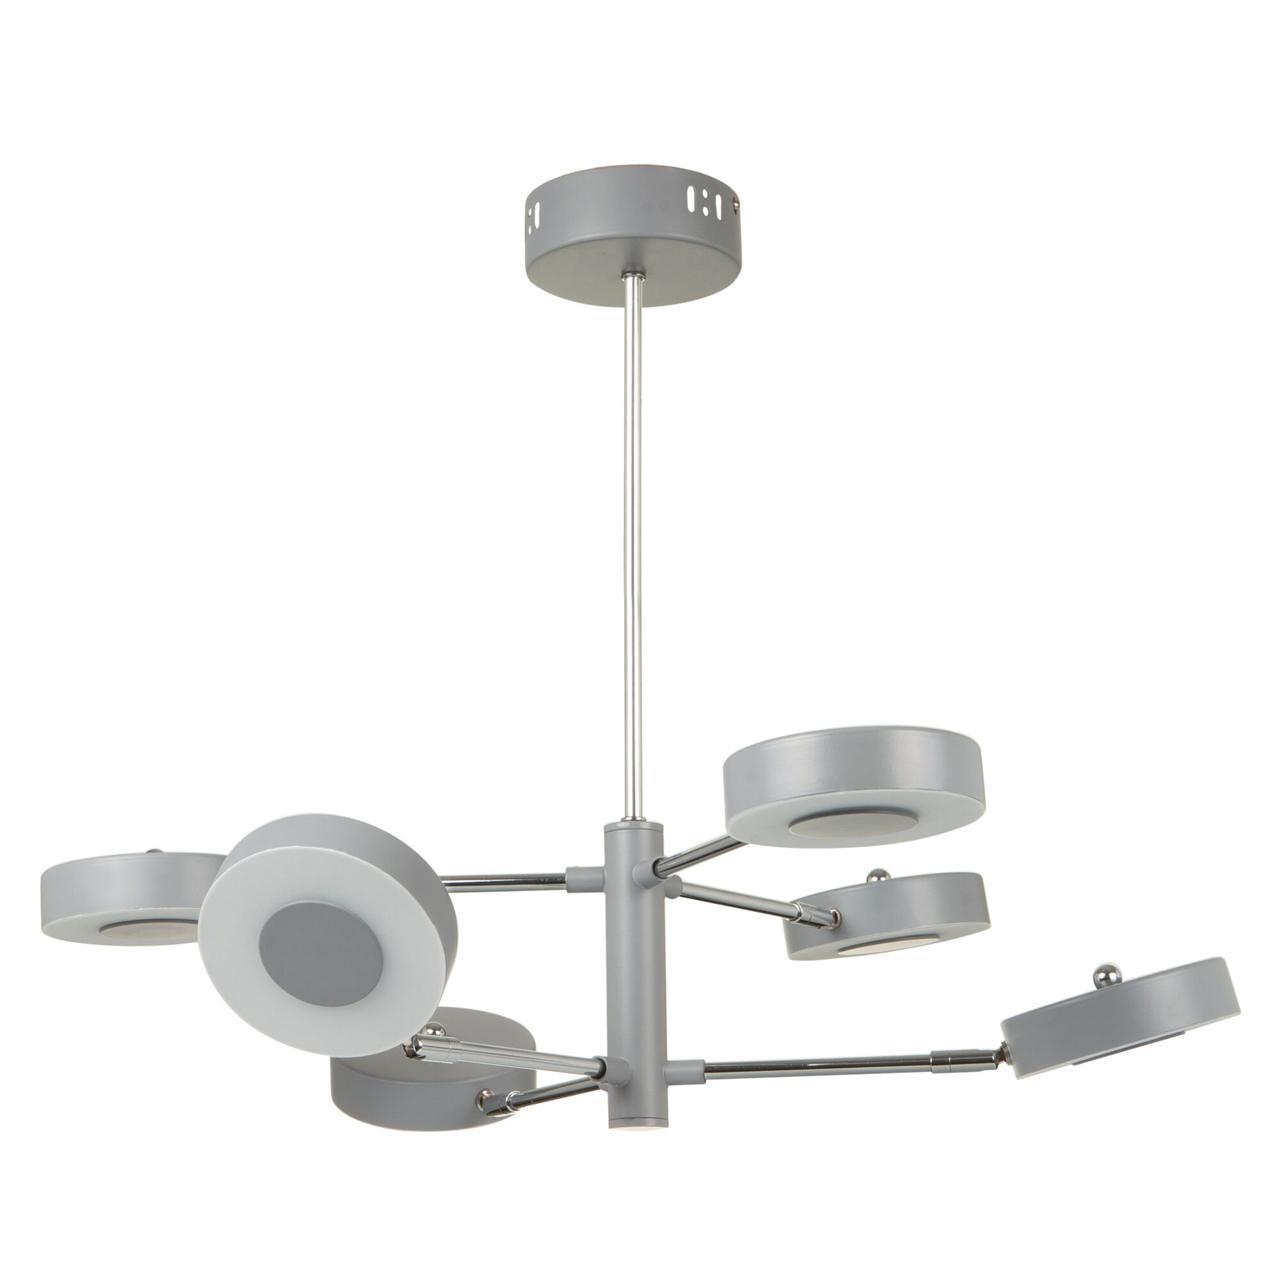 цены на Потолочный светильник Freya FR6009PL-L66GR, LED, 66 Вт  в интернет-магазинах